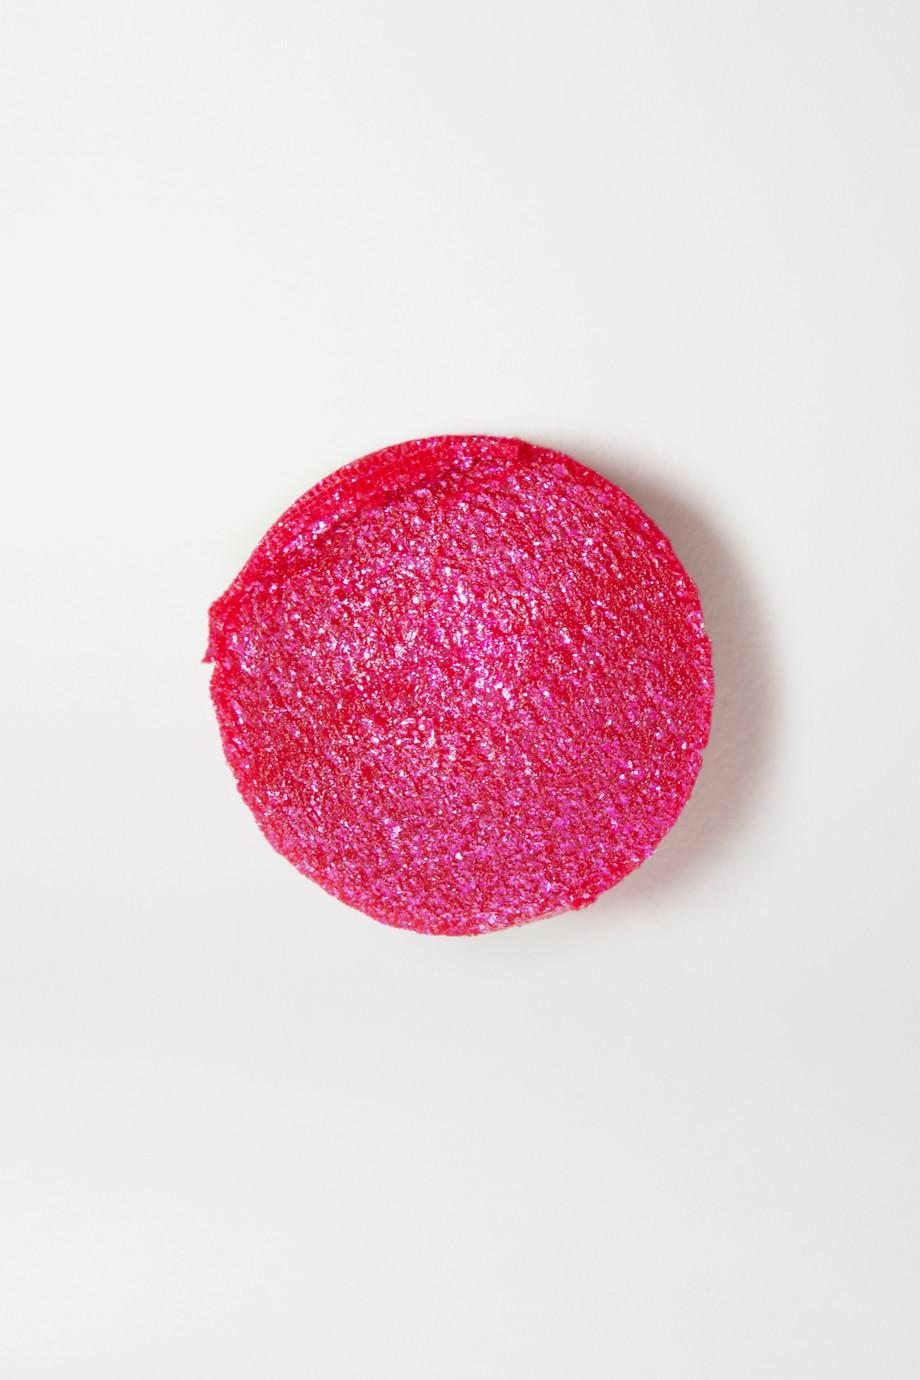 Gucci Beauty Rouge à Lèvres Lunaison - Vantine Fuchsia 402